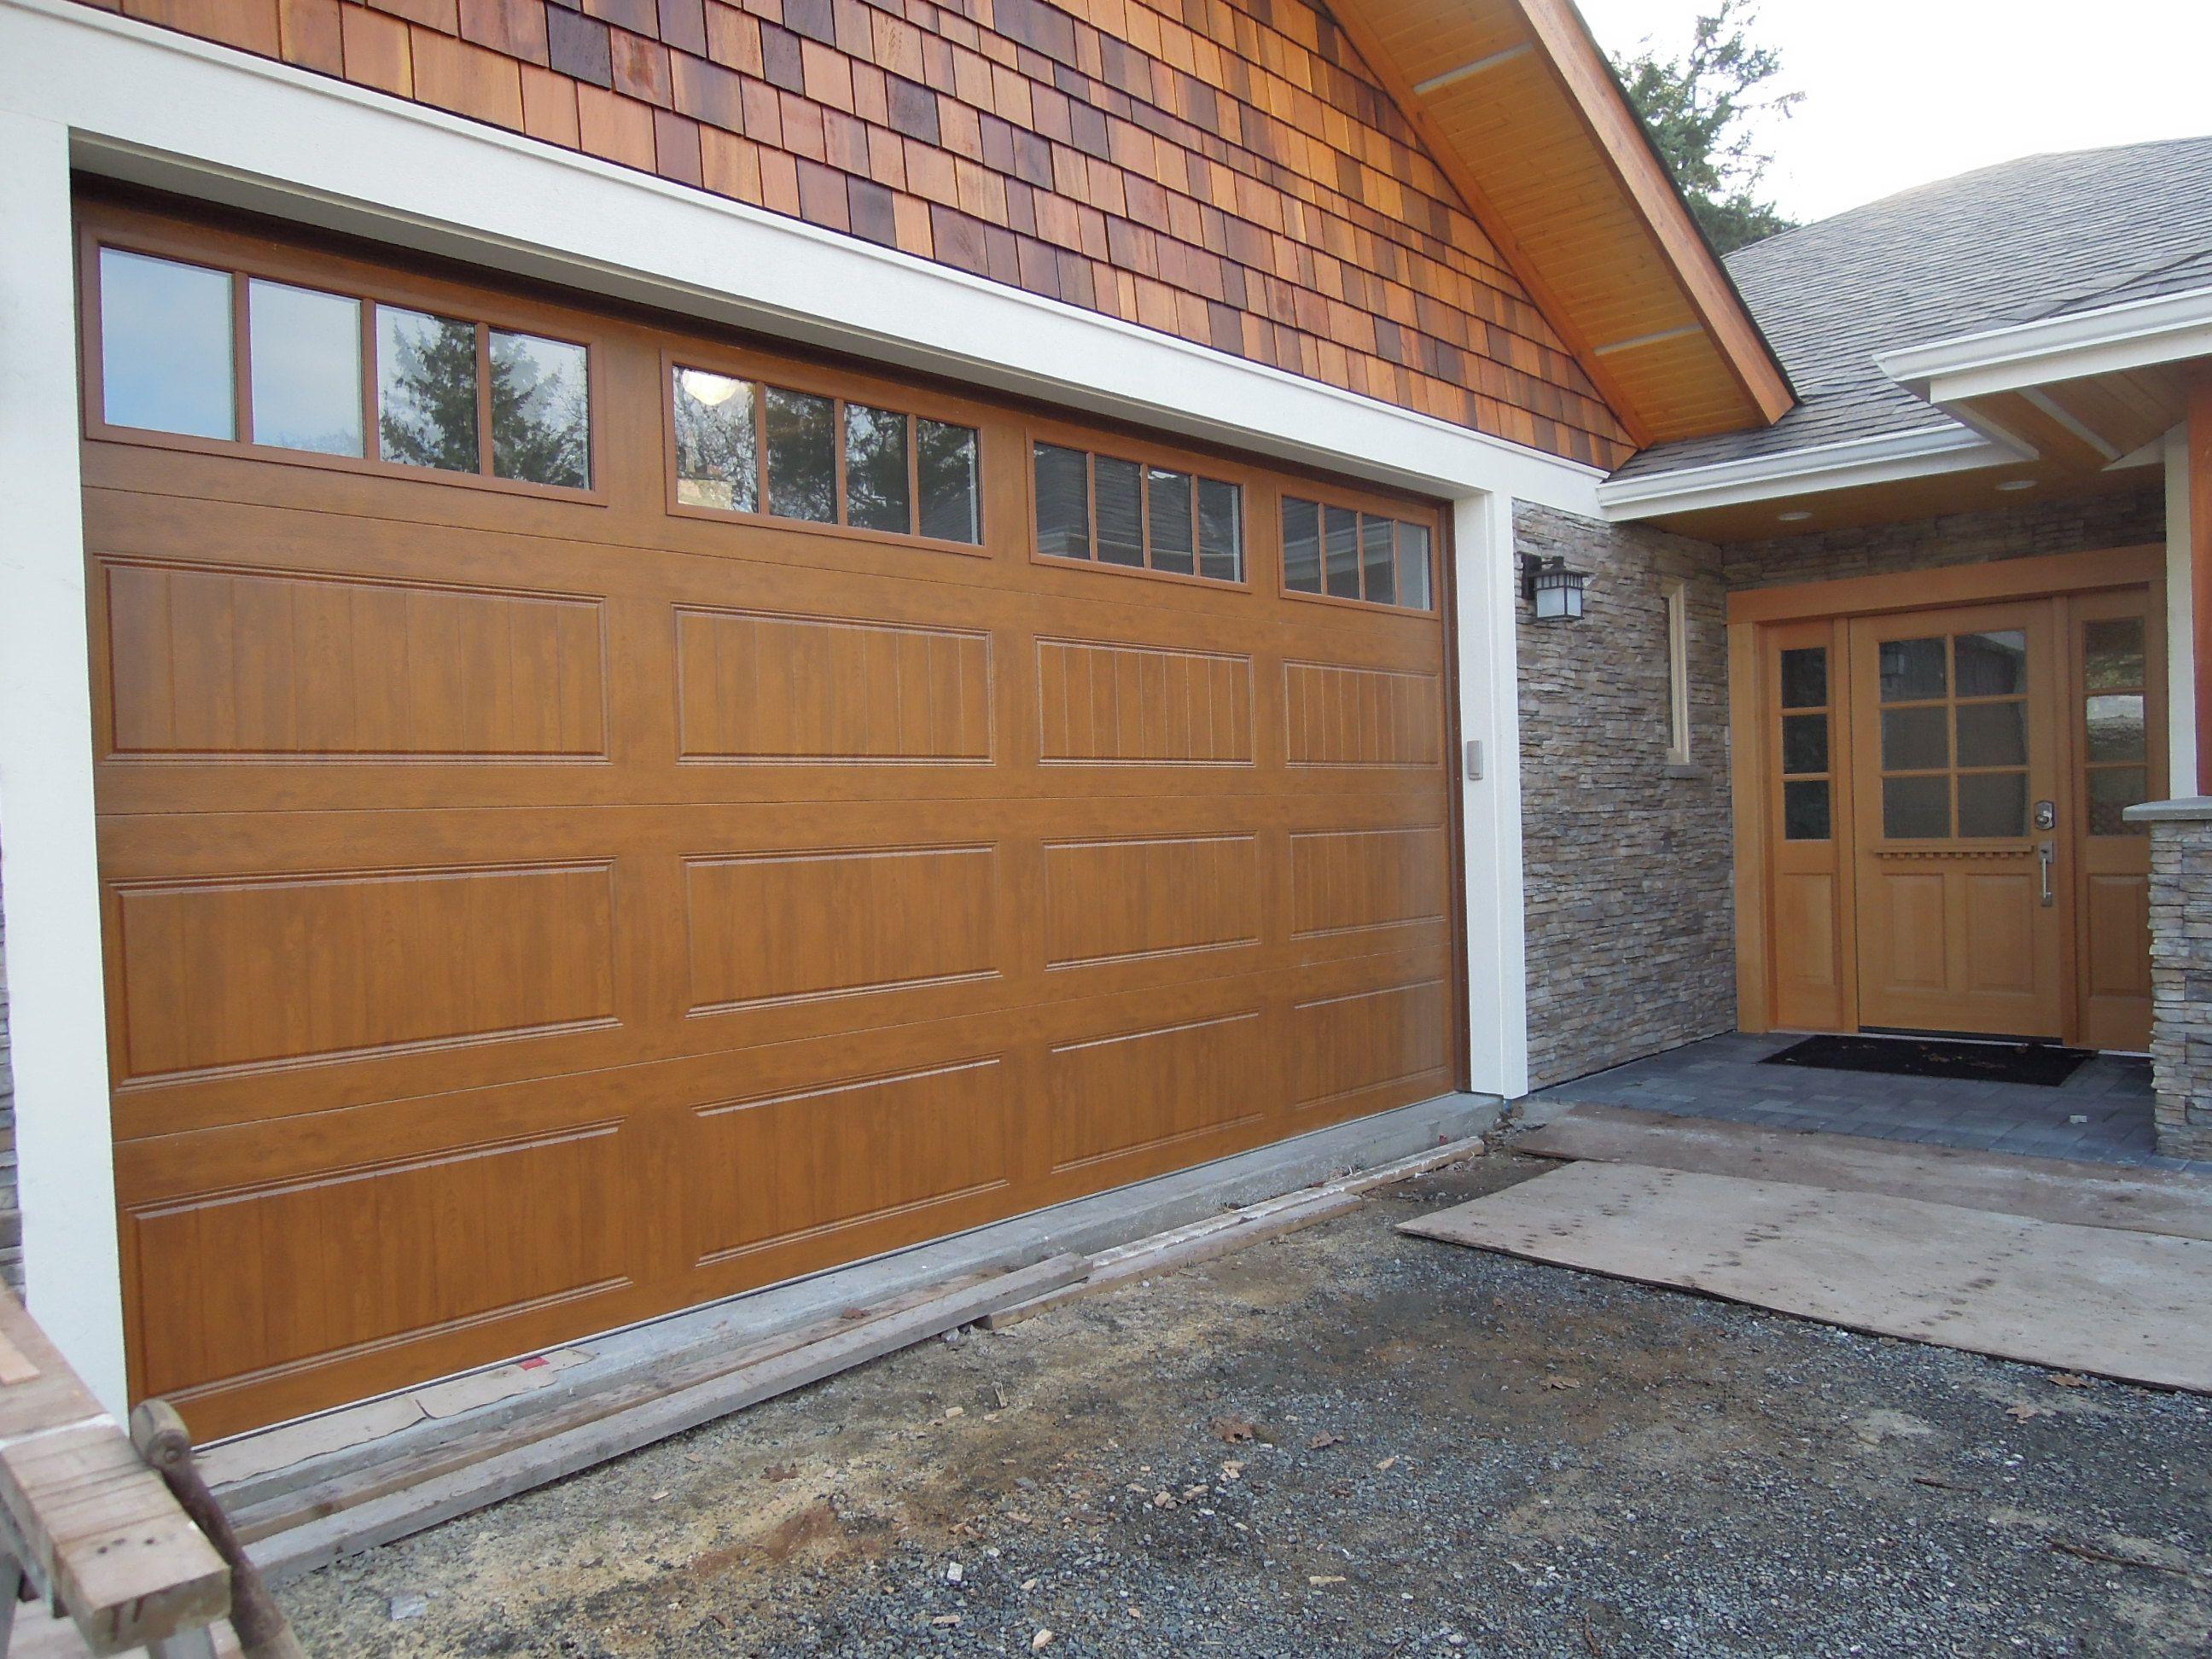 Gallery Garage Door - Clopay Gallery Ultragrain medium oak finish model with Rectangular grilles. Installed by Harbour Door Victori. & Gallery Ultragrain medium oak finish model GD1LP with Rectangular ...